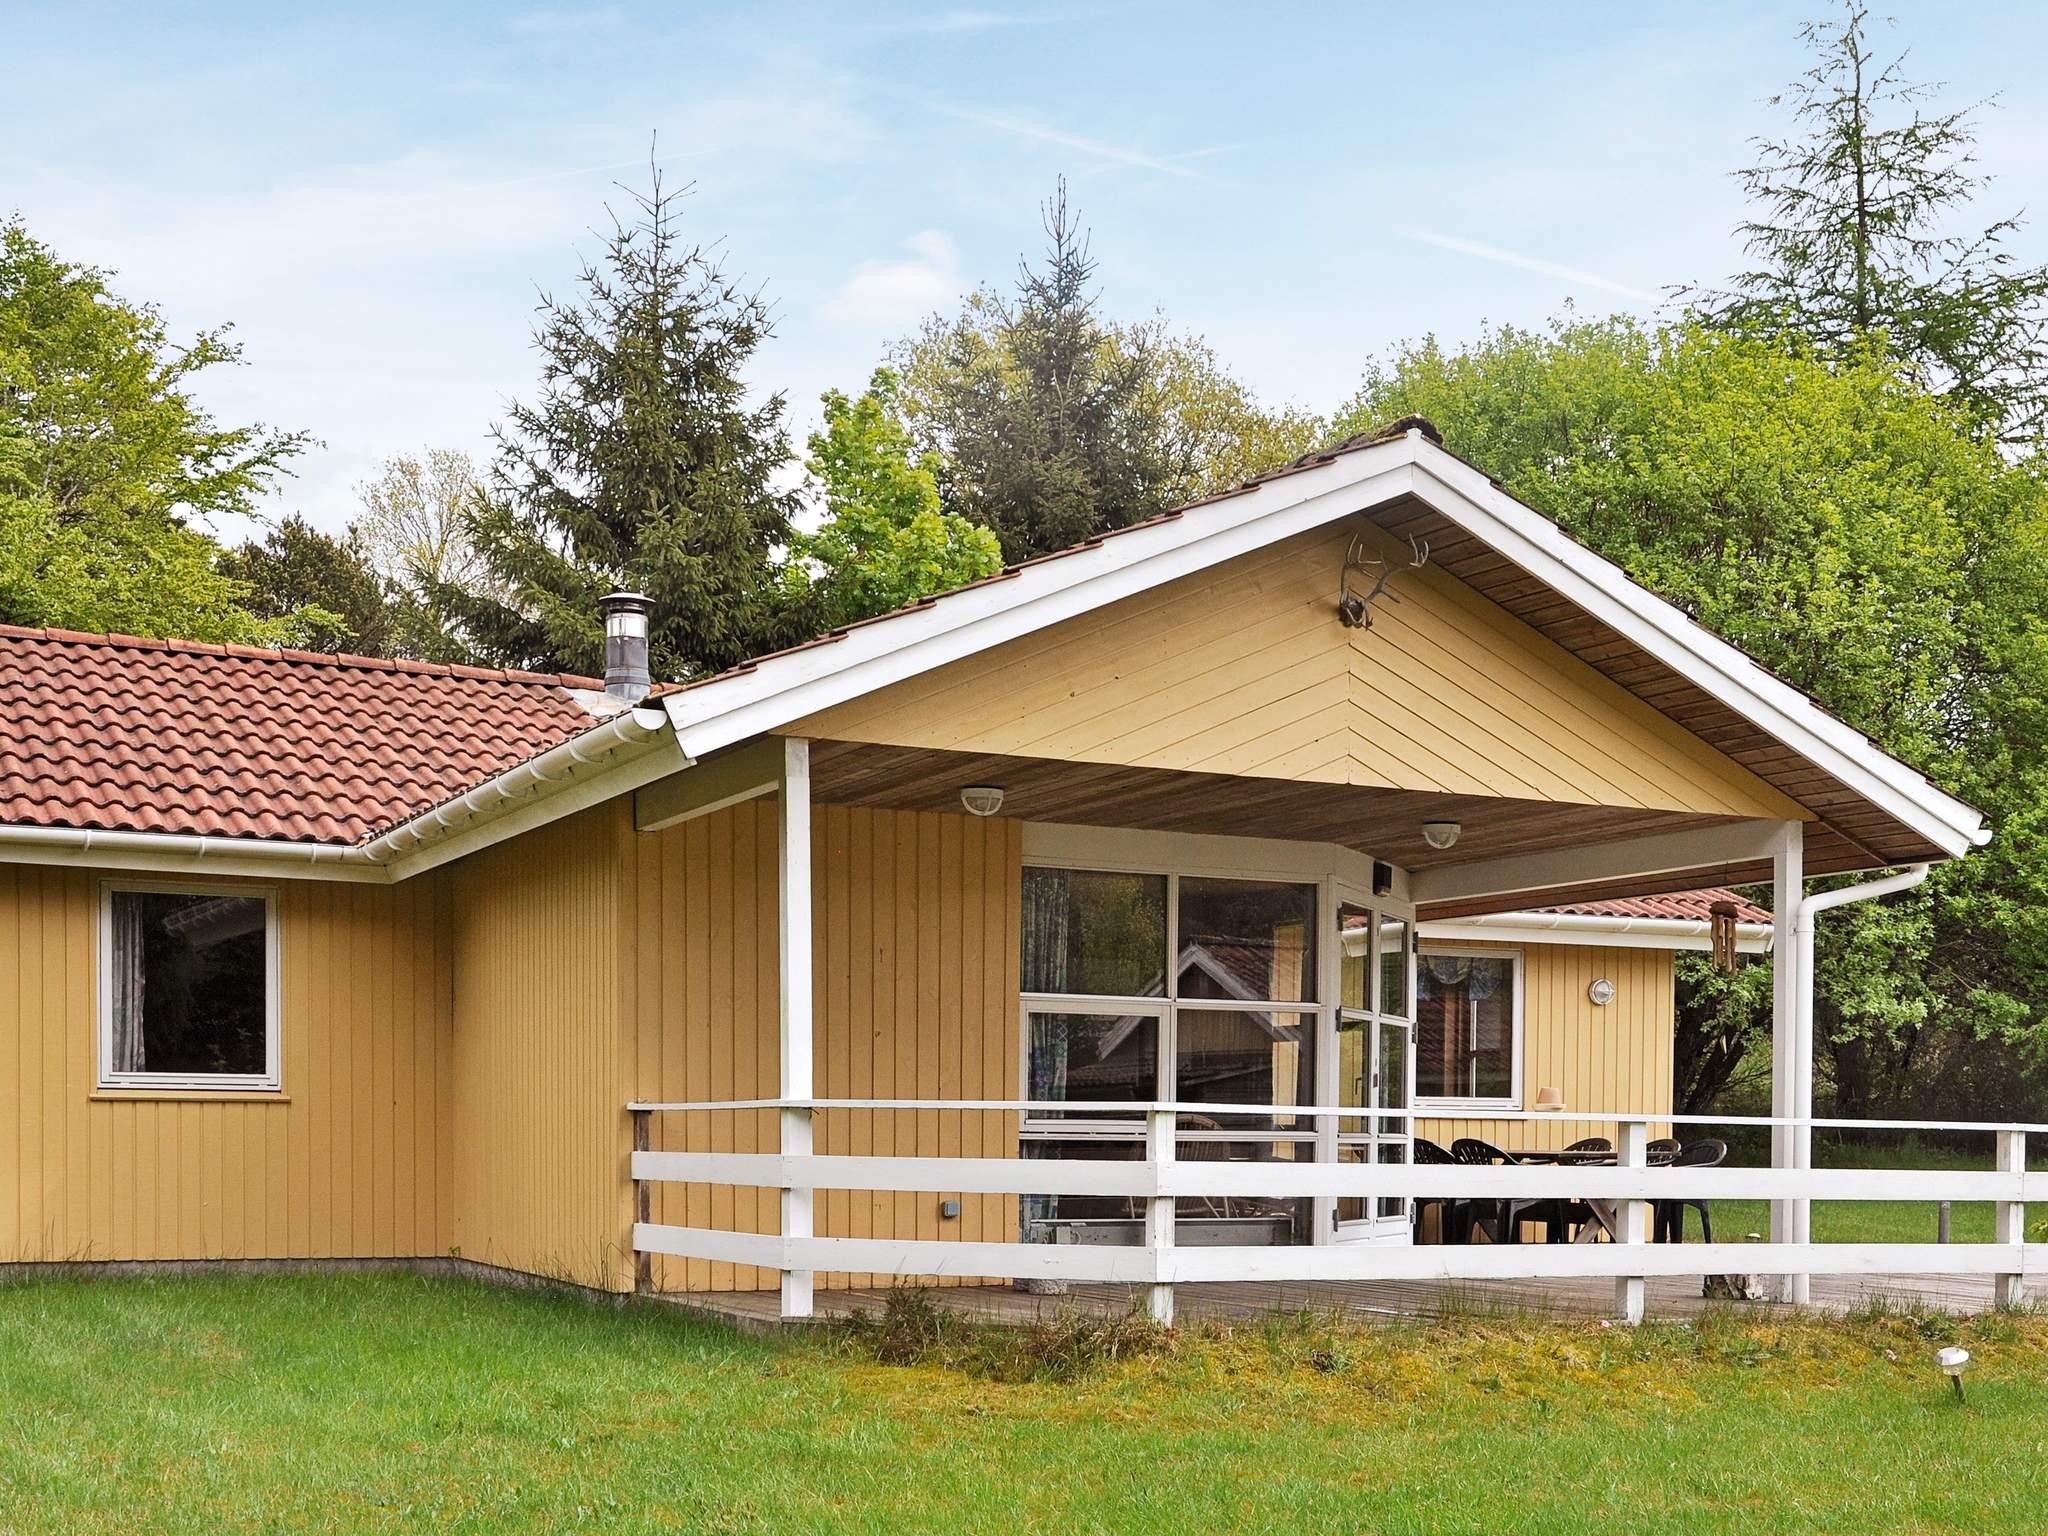 Ferienhaus Silkeborg (995795), Silkeborg, , Ostjütland, Dänemark, Bild 18